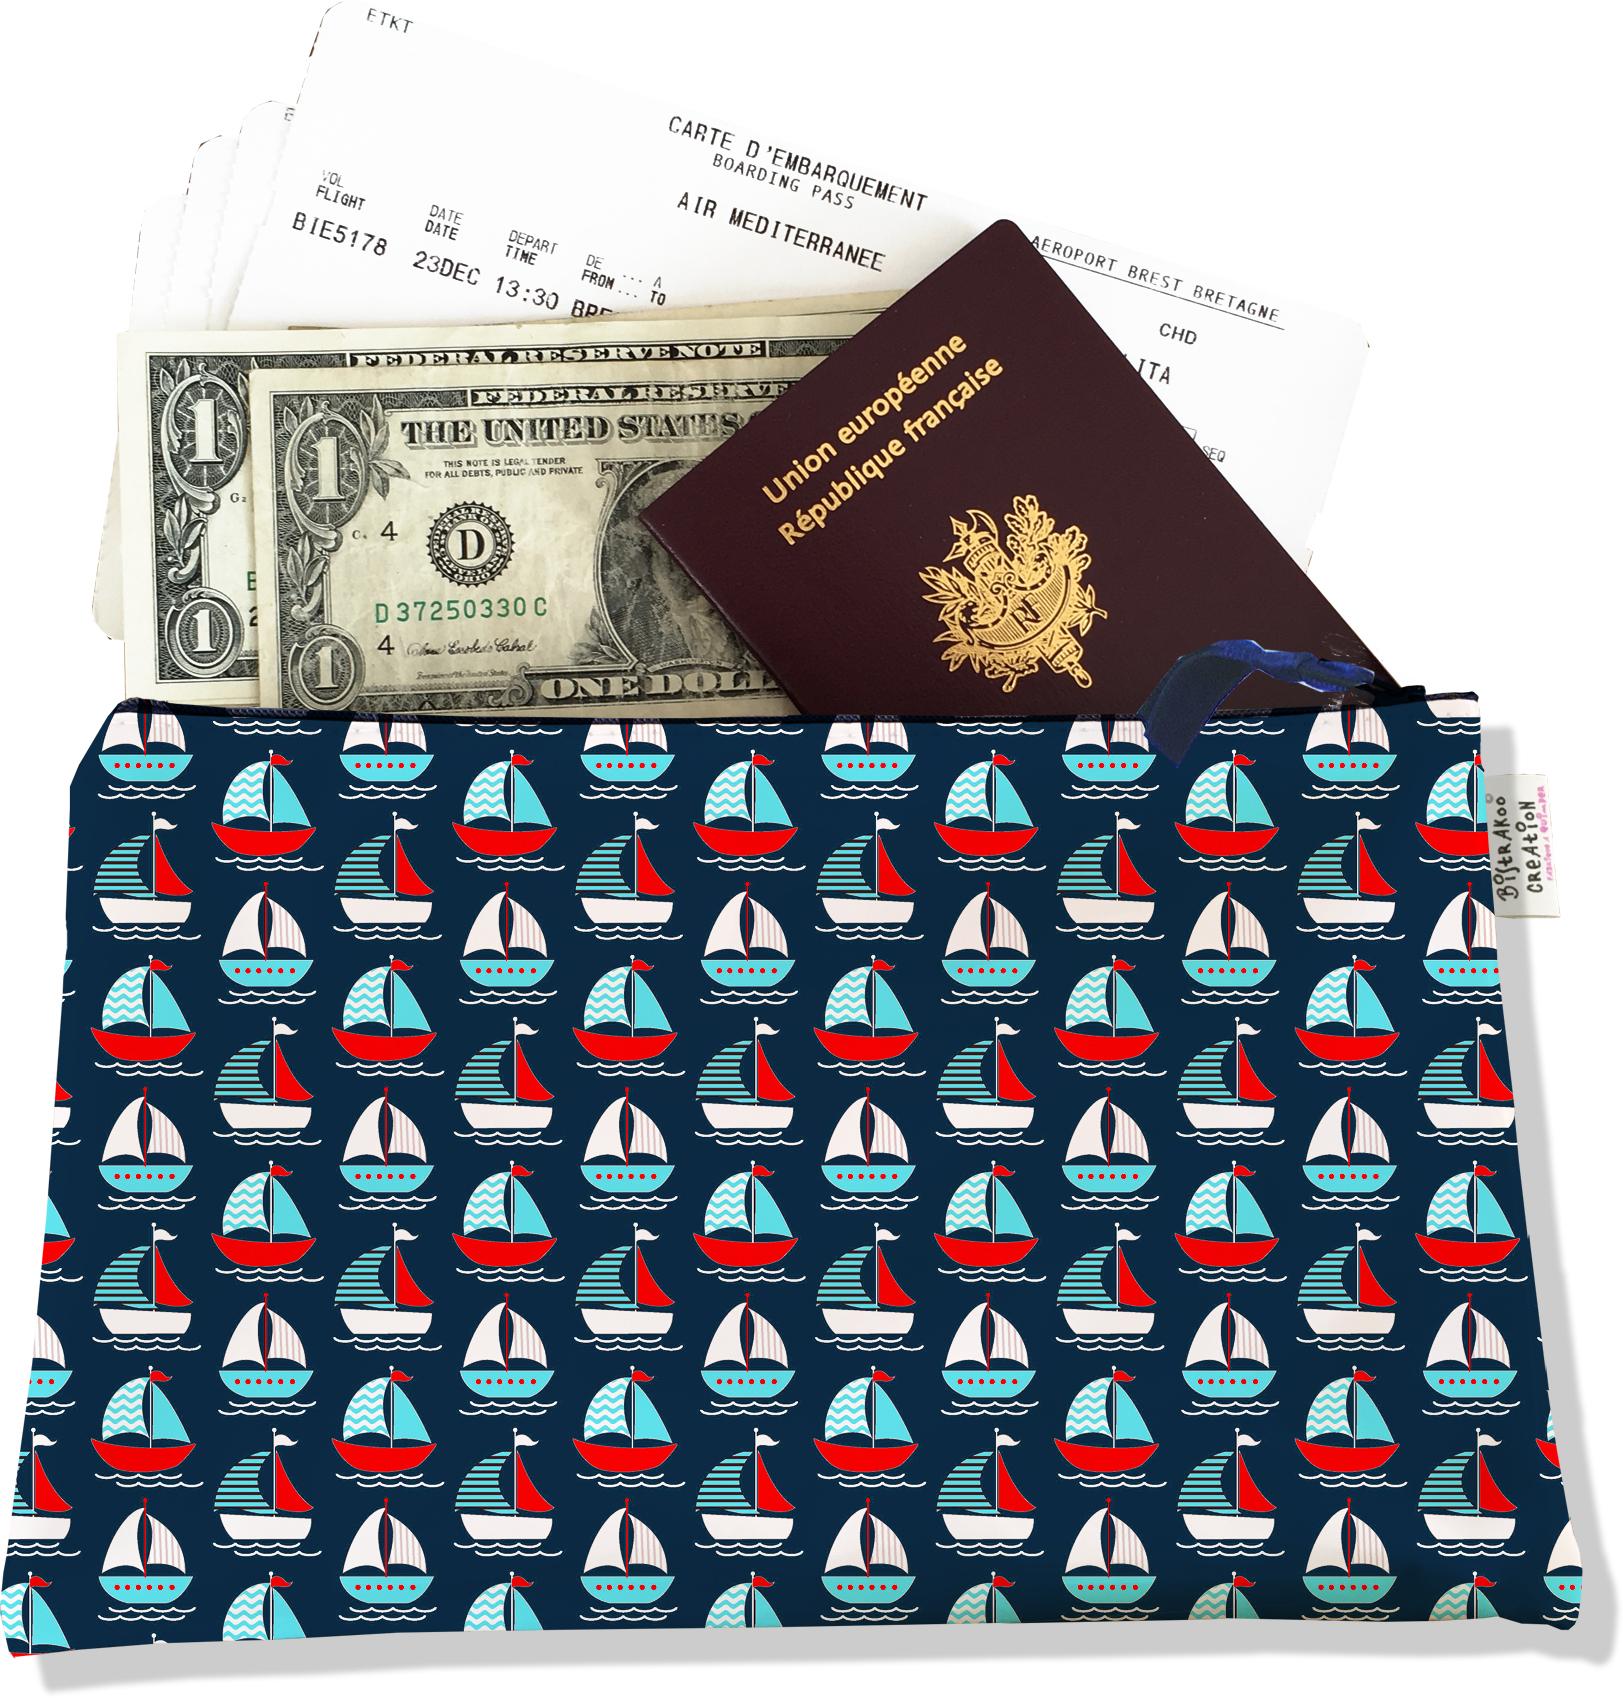 Pochette voyage, porte documents PV5111